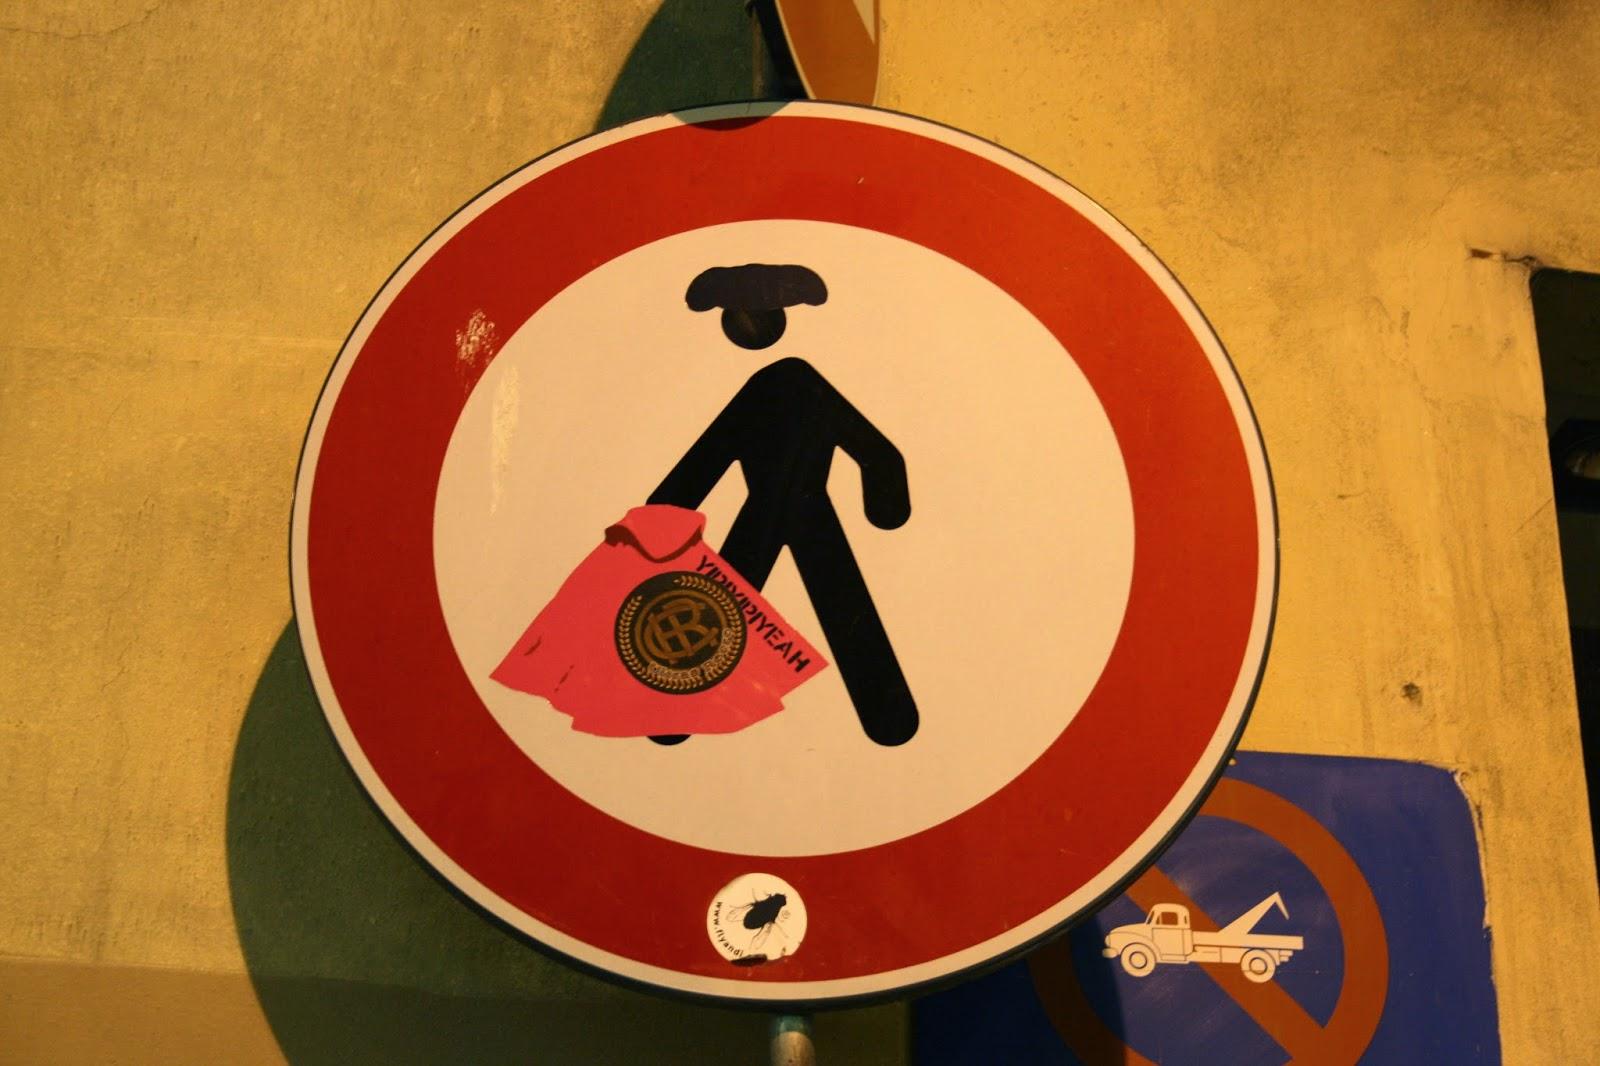 Señal de trafico en Florencia por la prohibicion de la tauromaquia